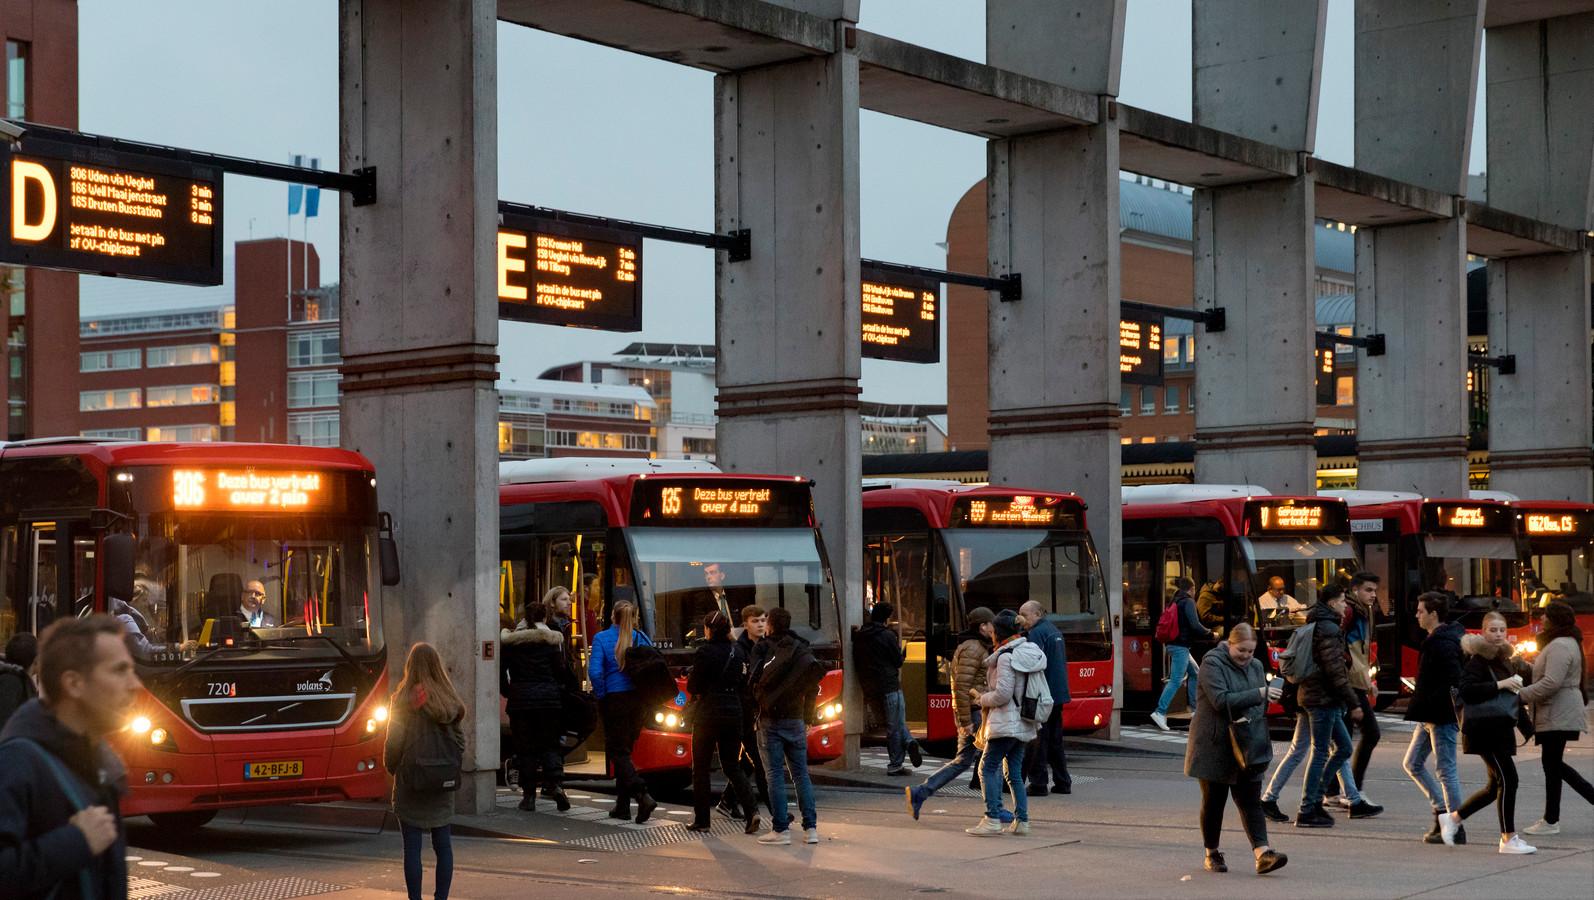 Bussstation met betonnen constructie waar de rijtijden op staan.